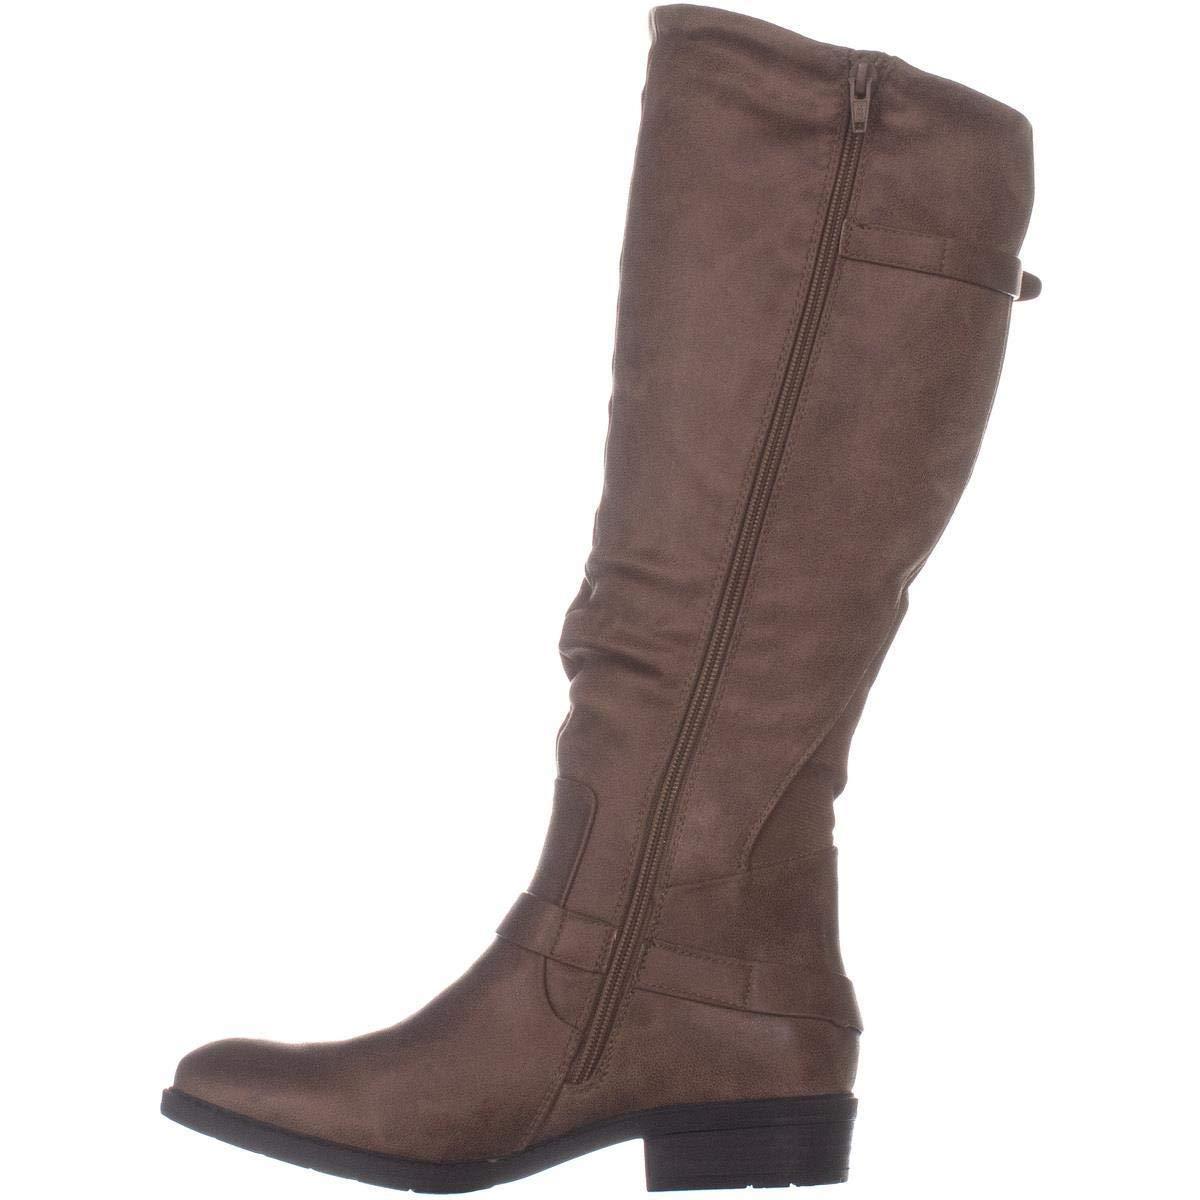 ti aspetto Bare Traps donna Yanessa Almond Almond Almond Toe Knee High Fashion stivali  lo stile classico